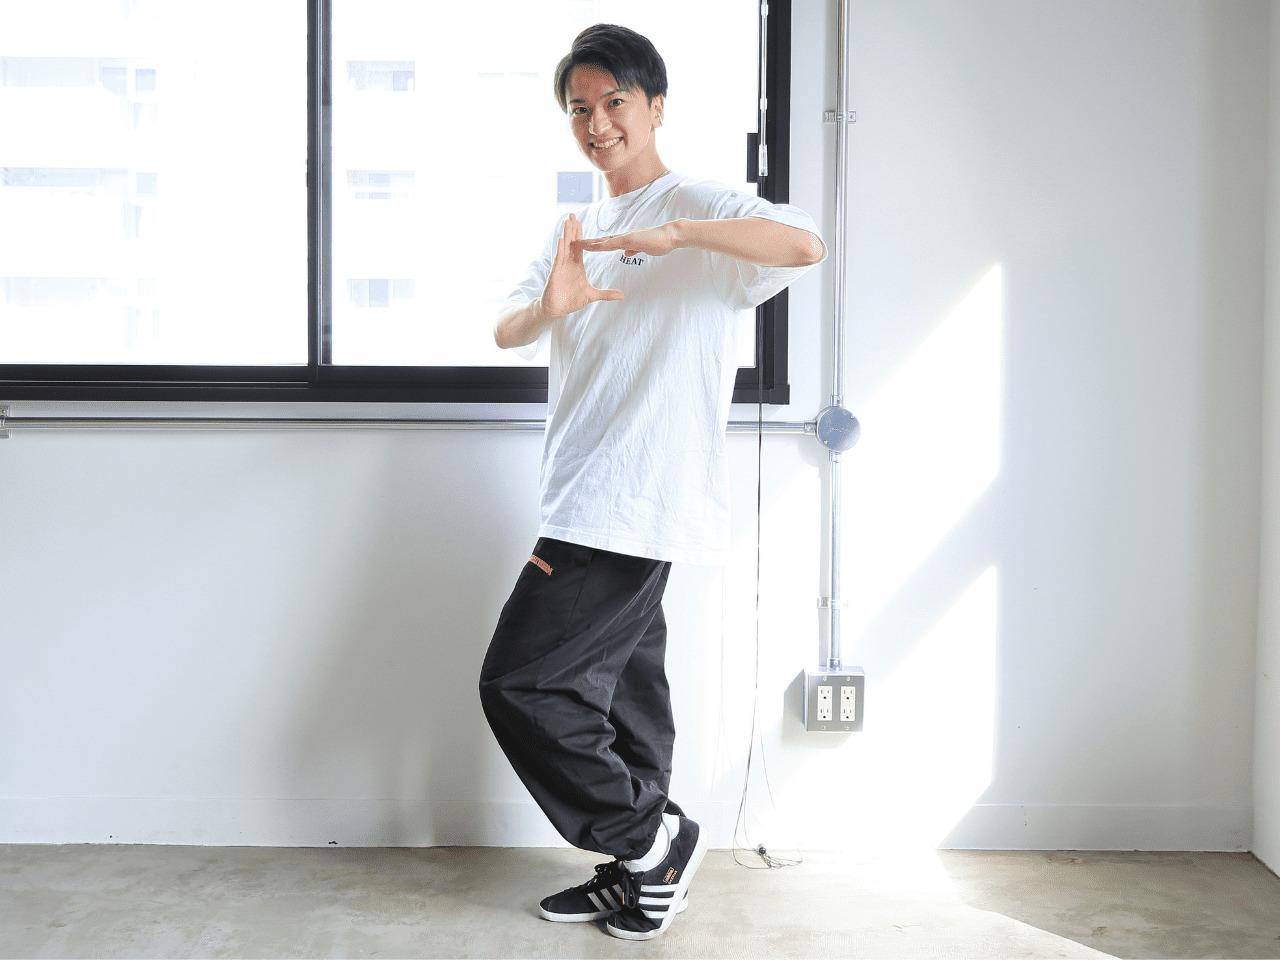 タレントダンサー HEAT